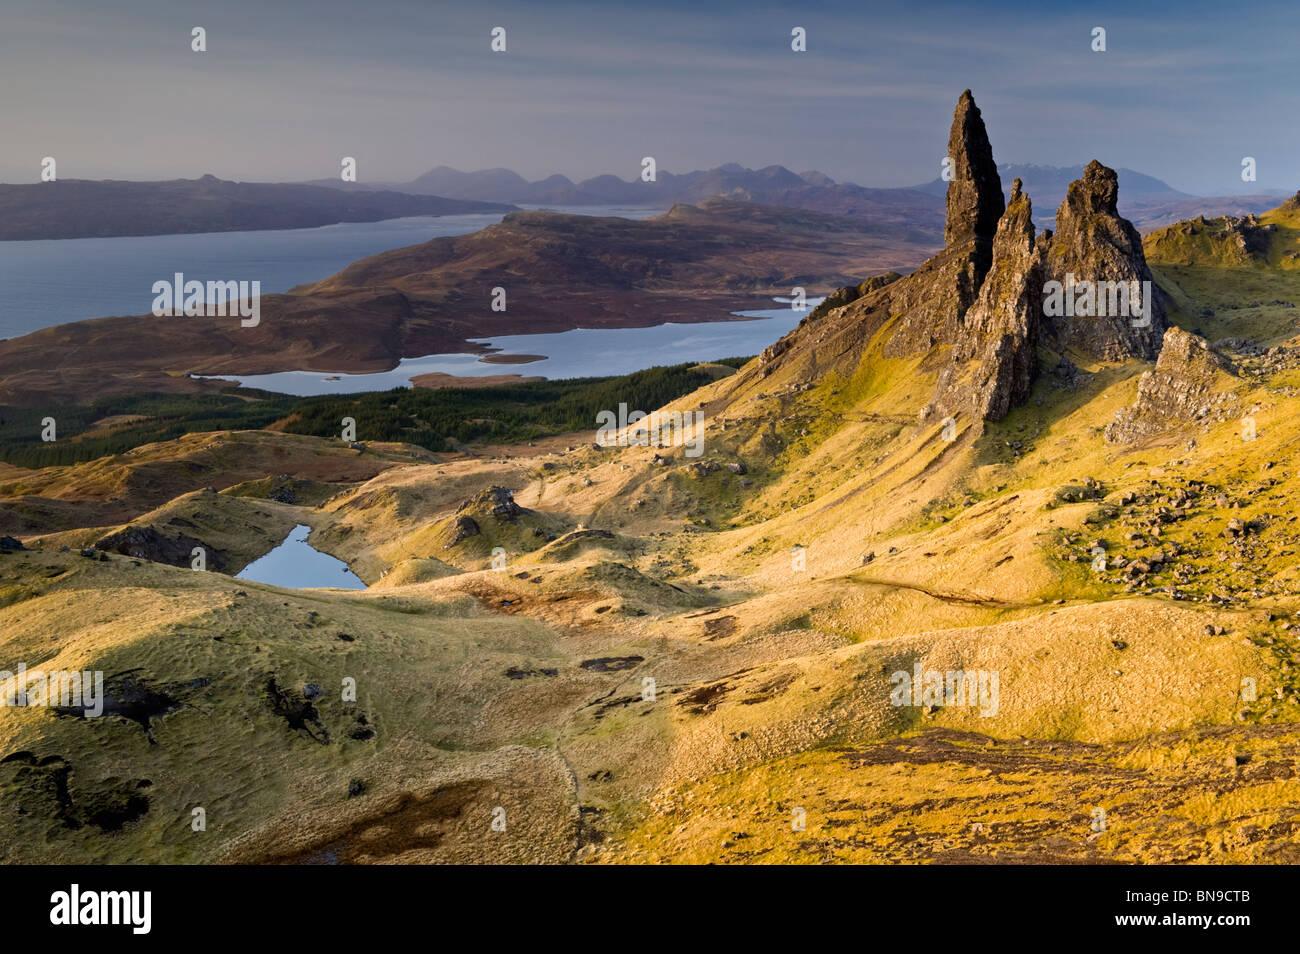 The Old Man of Storr, Trotternish Peninsula, Isle of Skye, Inner Hebrides, Scotland, UK - Stock Image